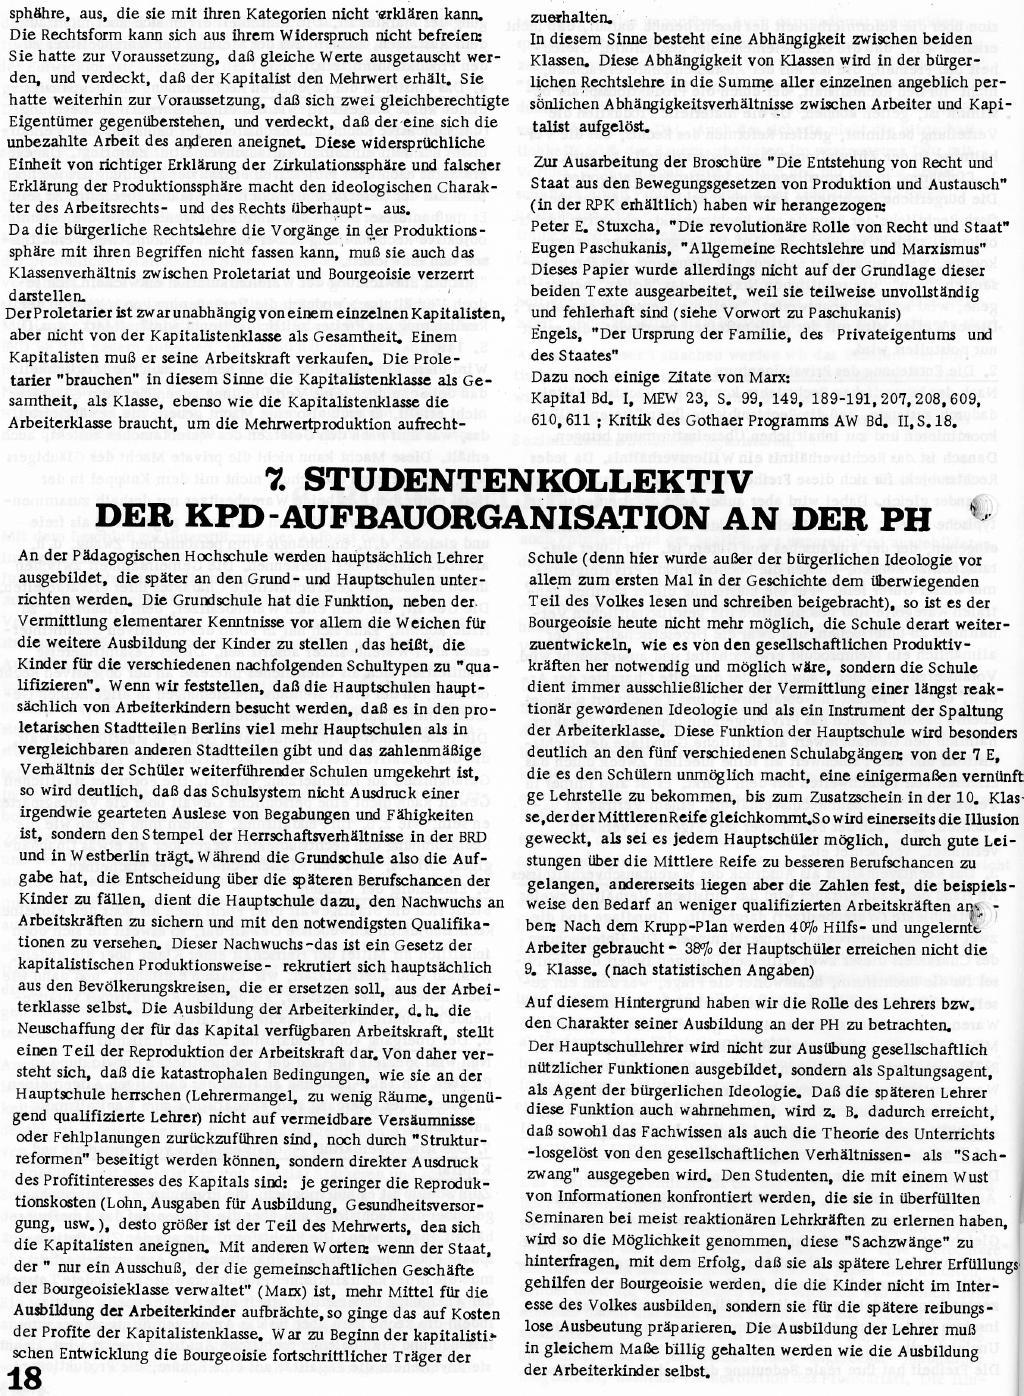 RPK_1971_113_114_18